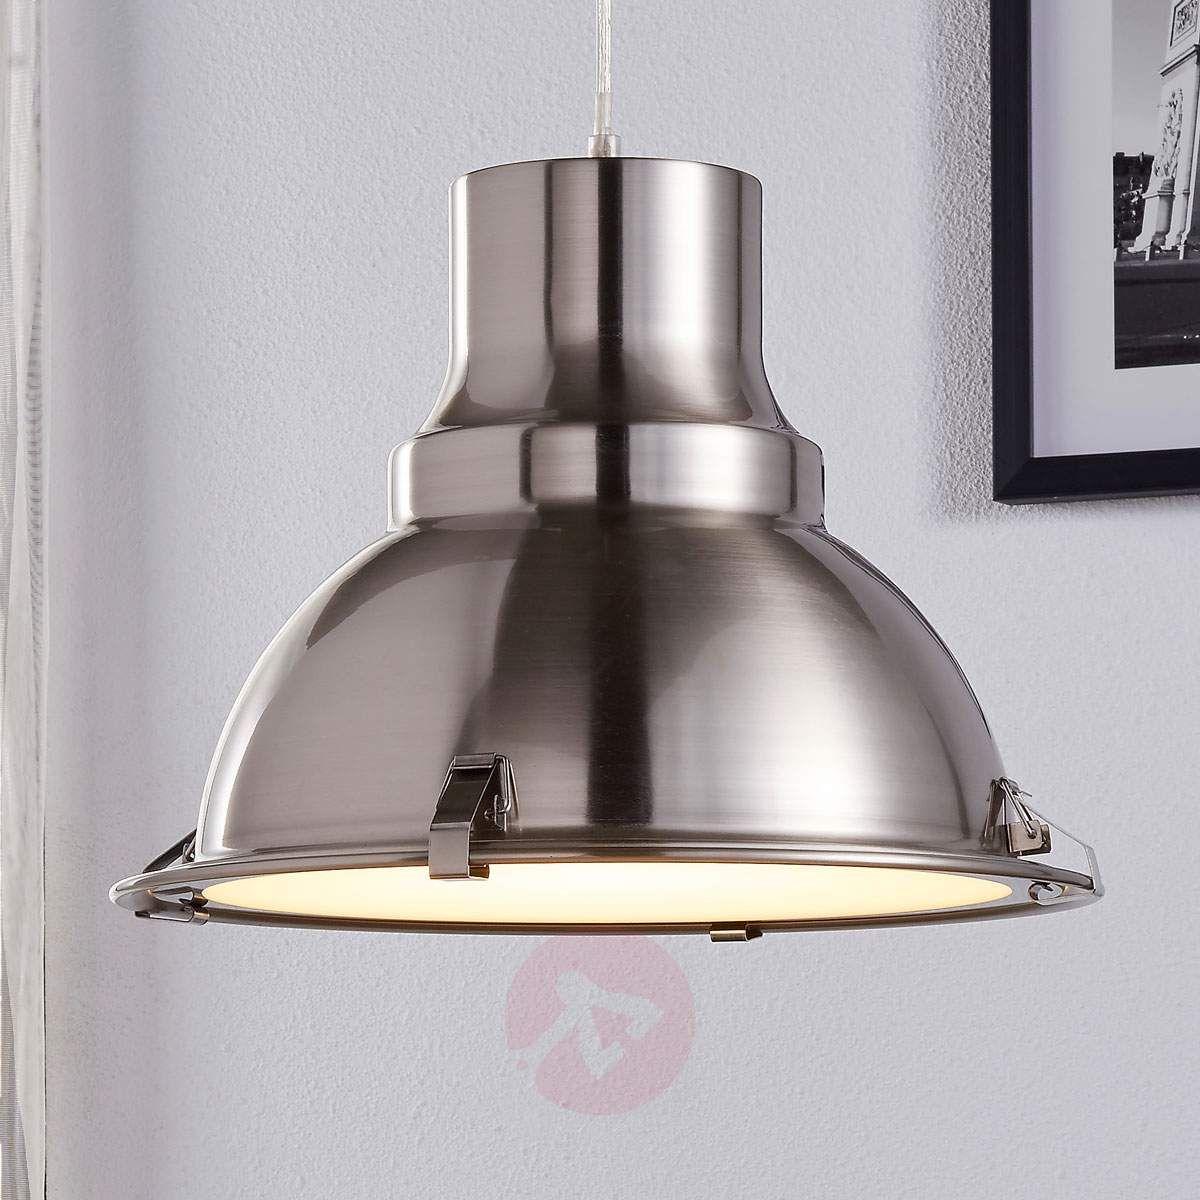 Atrakcyjna Industrialna Lampa Wisząca Letty W 2019 Lampy